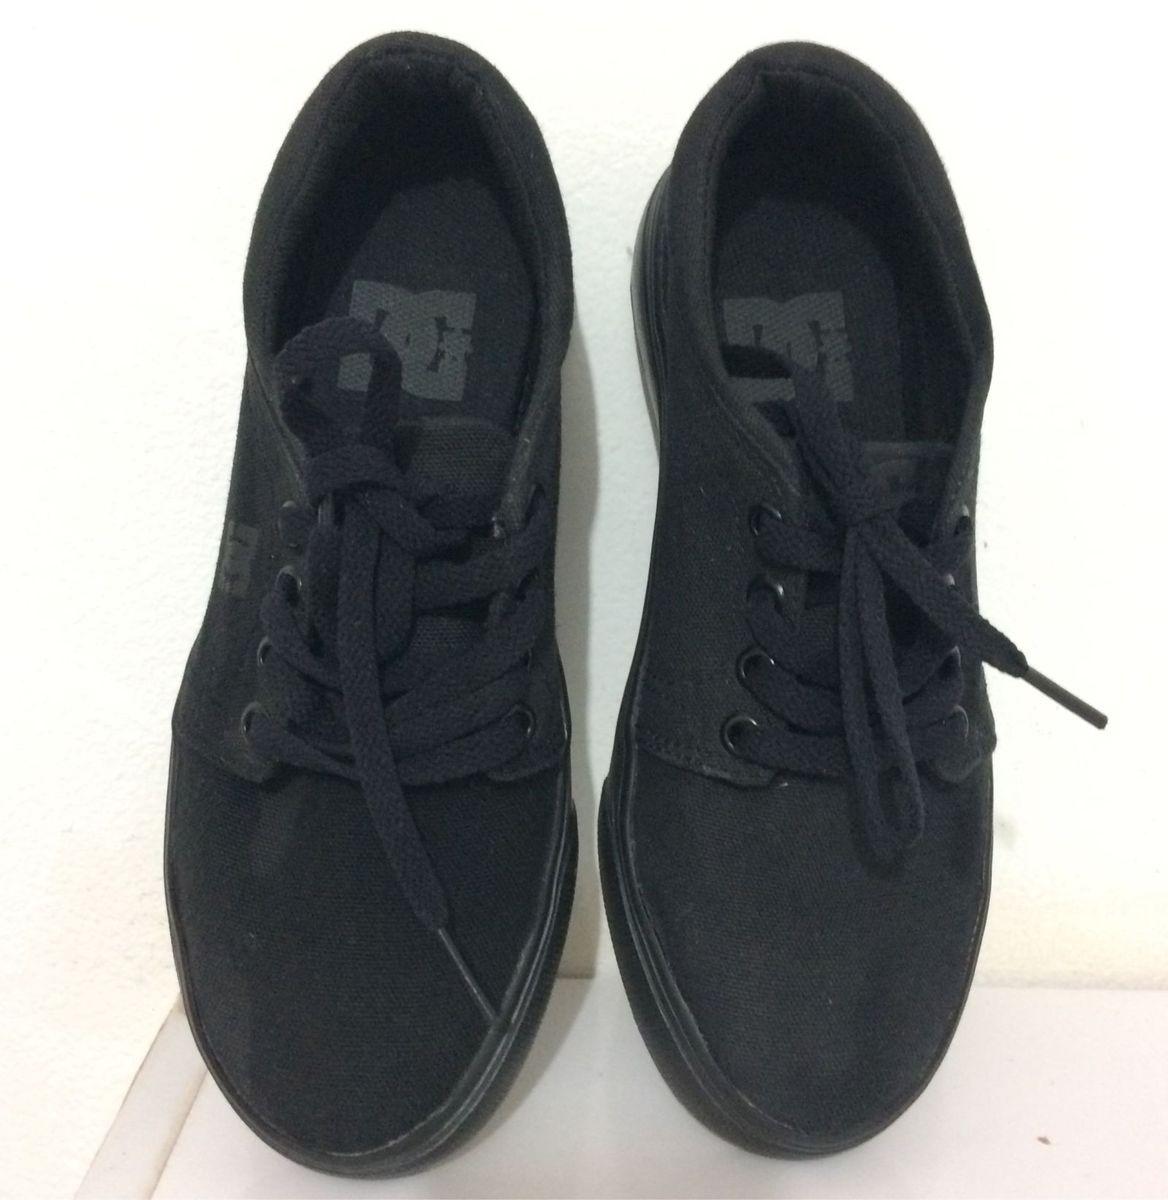 89e825cc2 tênis dc tonik preto - menino dc shoes.  Czm6ly9wag90b3muzw5qb2vplmnvbs5ici9wcm9kdwn0cy80ntgwmjy3lzmzzjc4nzixndcwogrhzdrlzjq5mzlkngnhnwmxzwy3lmpwzw